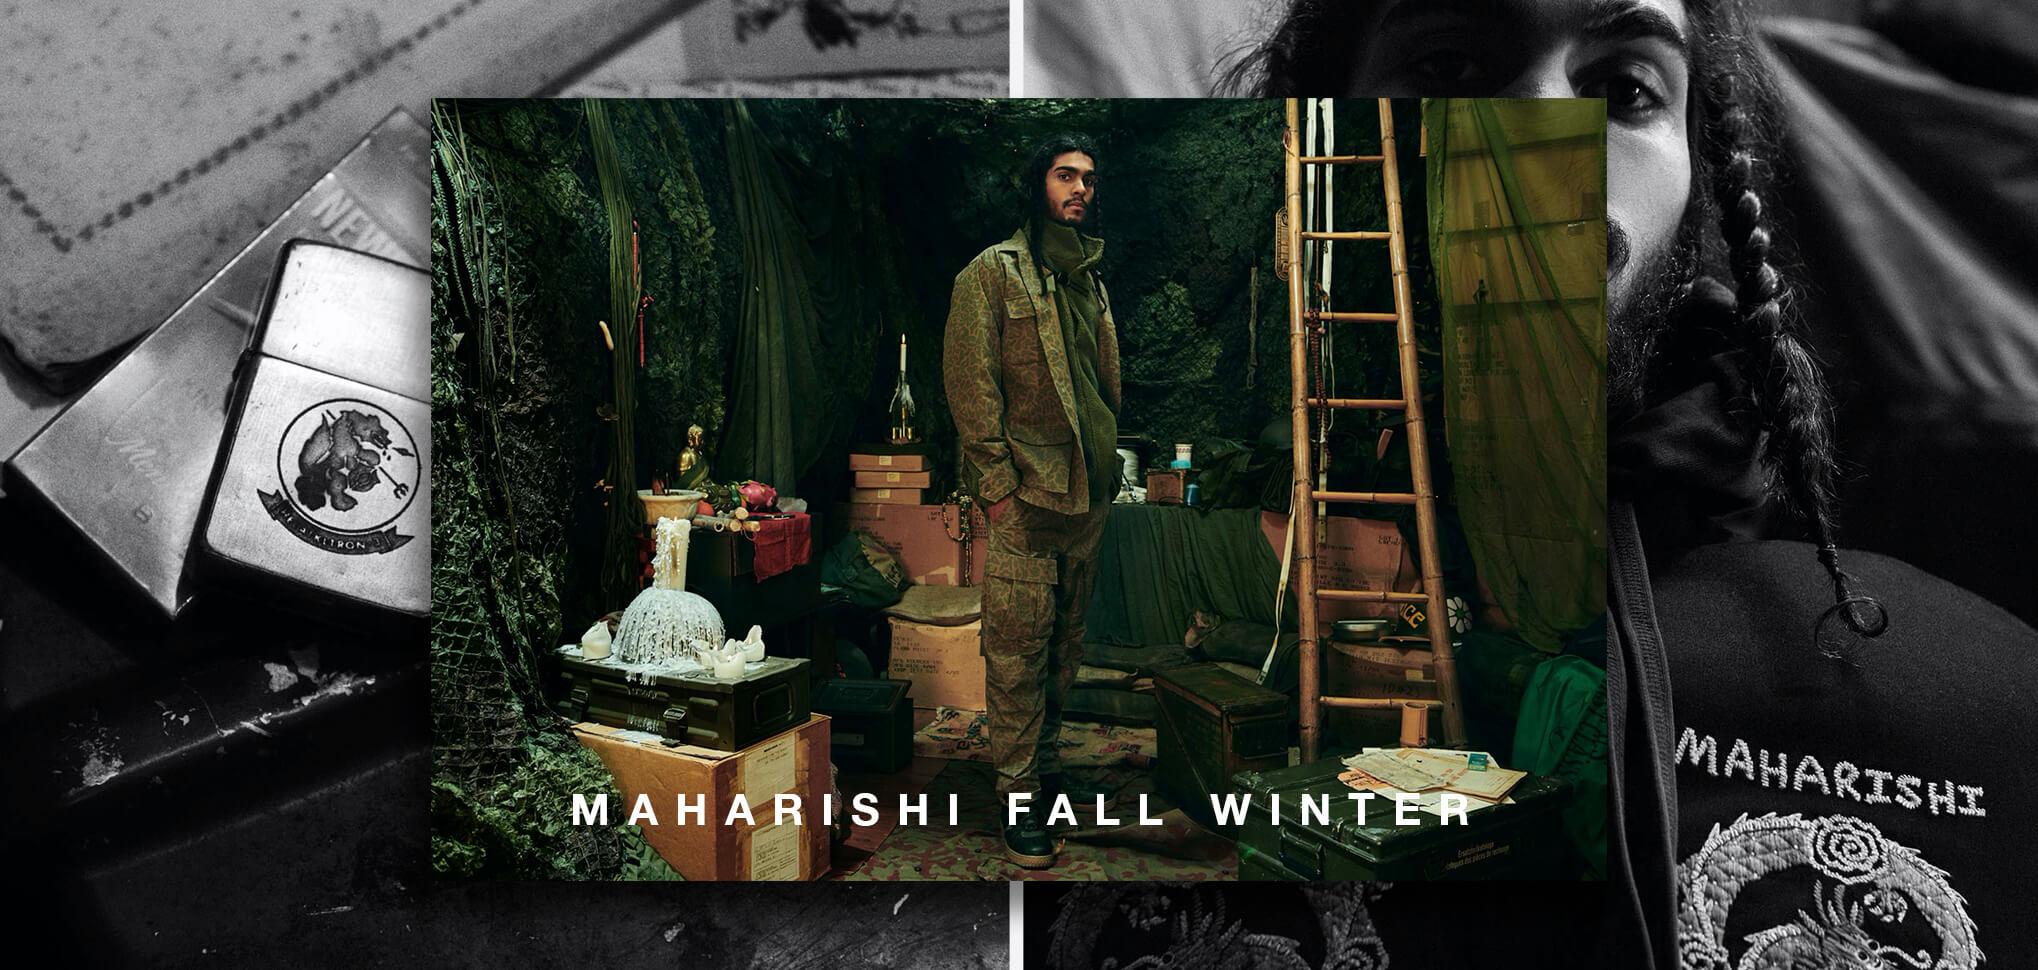 MAHARISHI FW BANNER